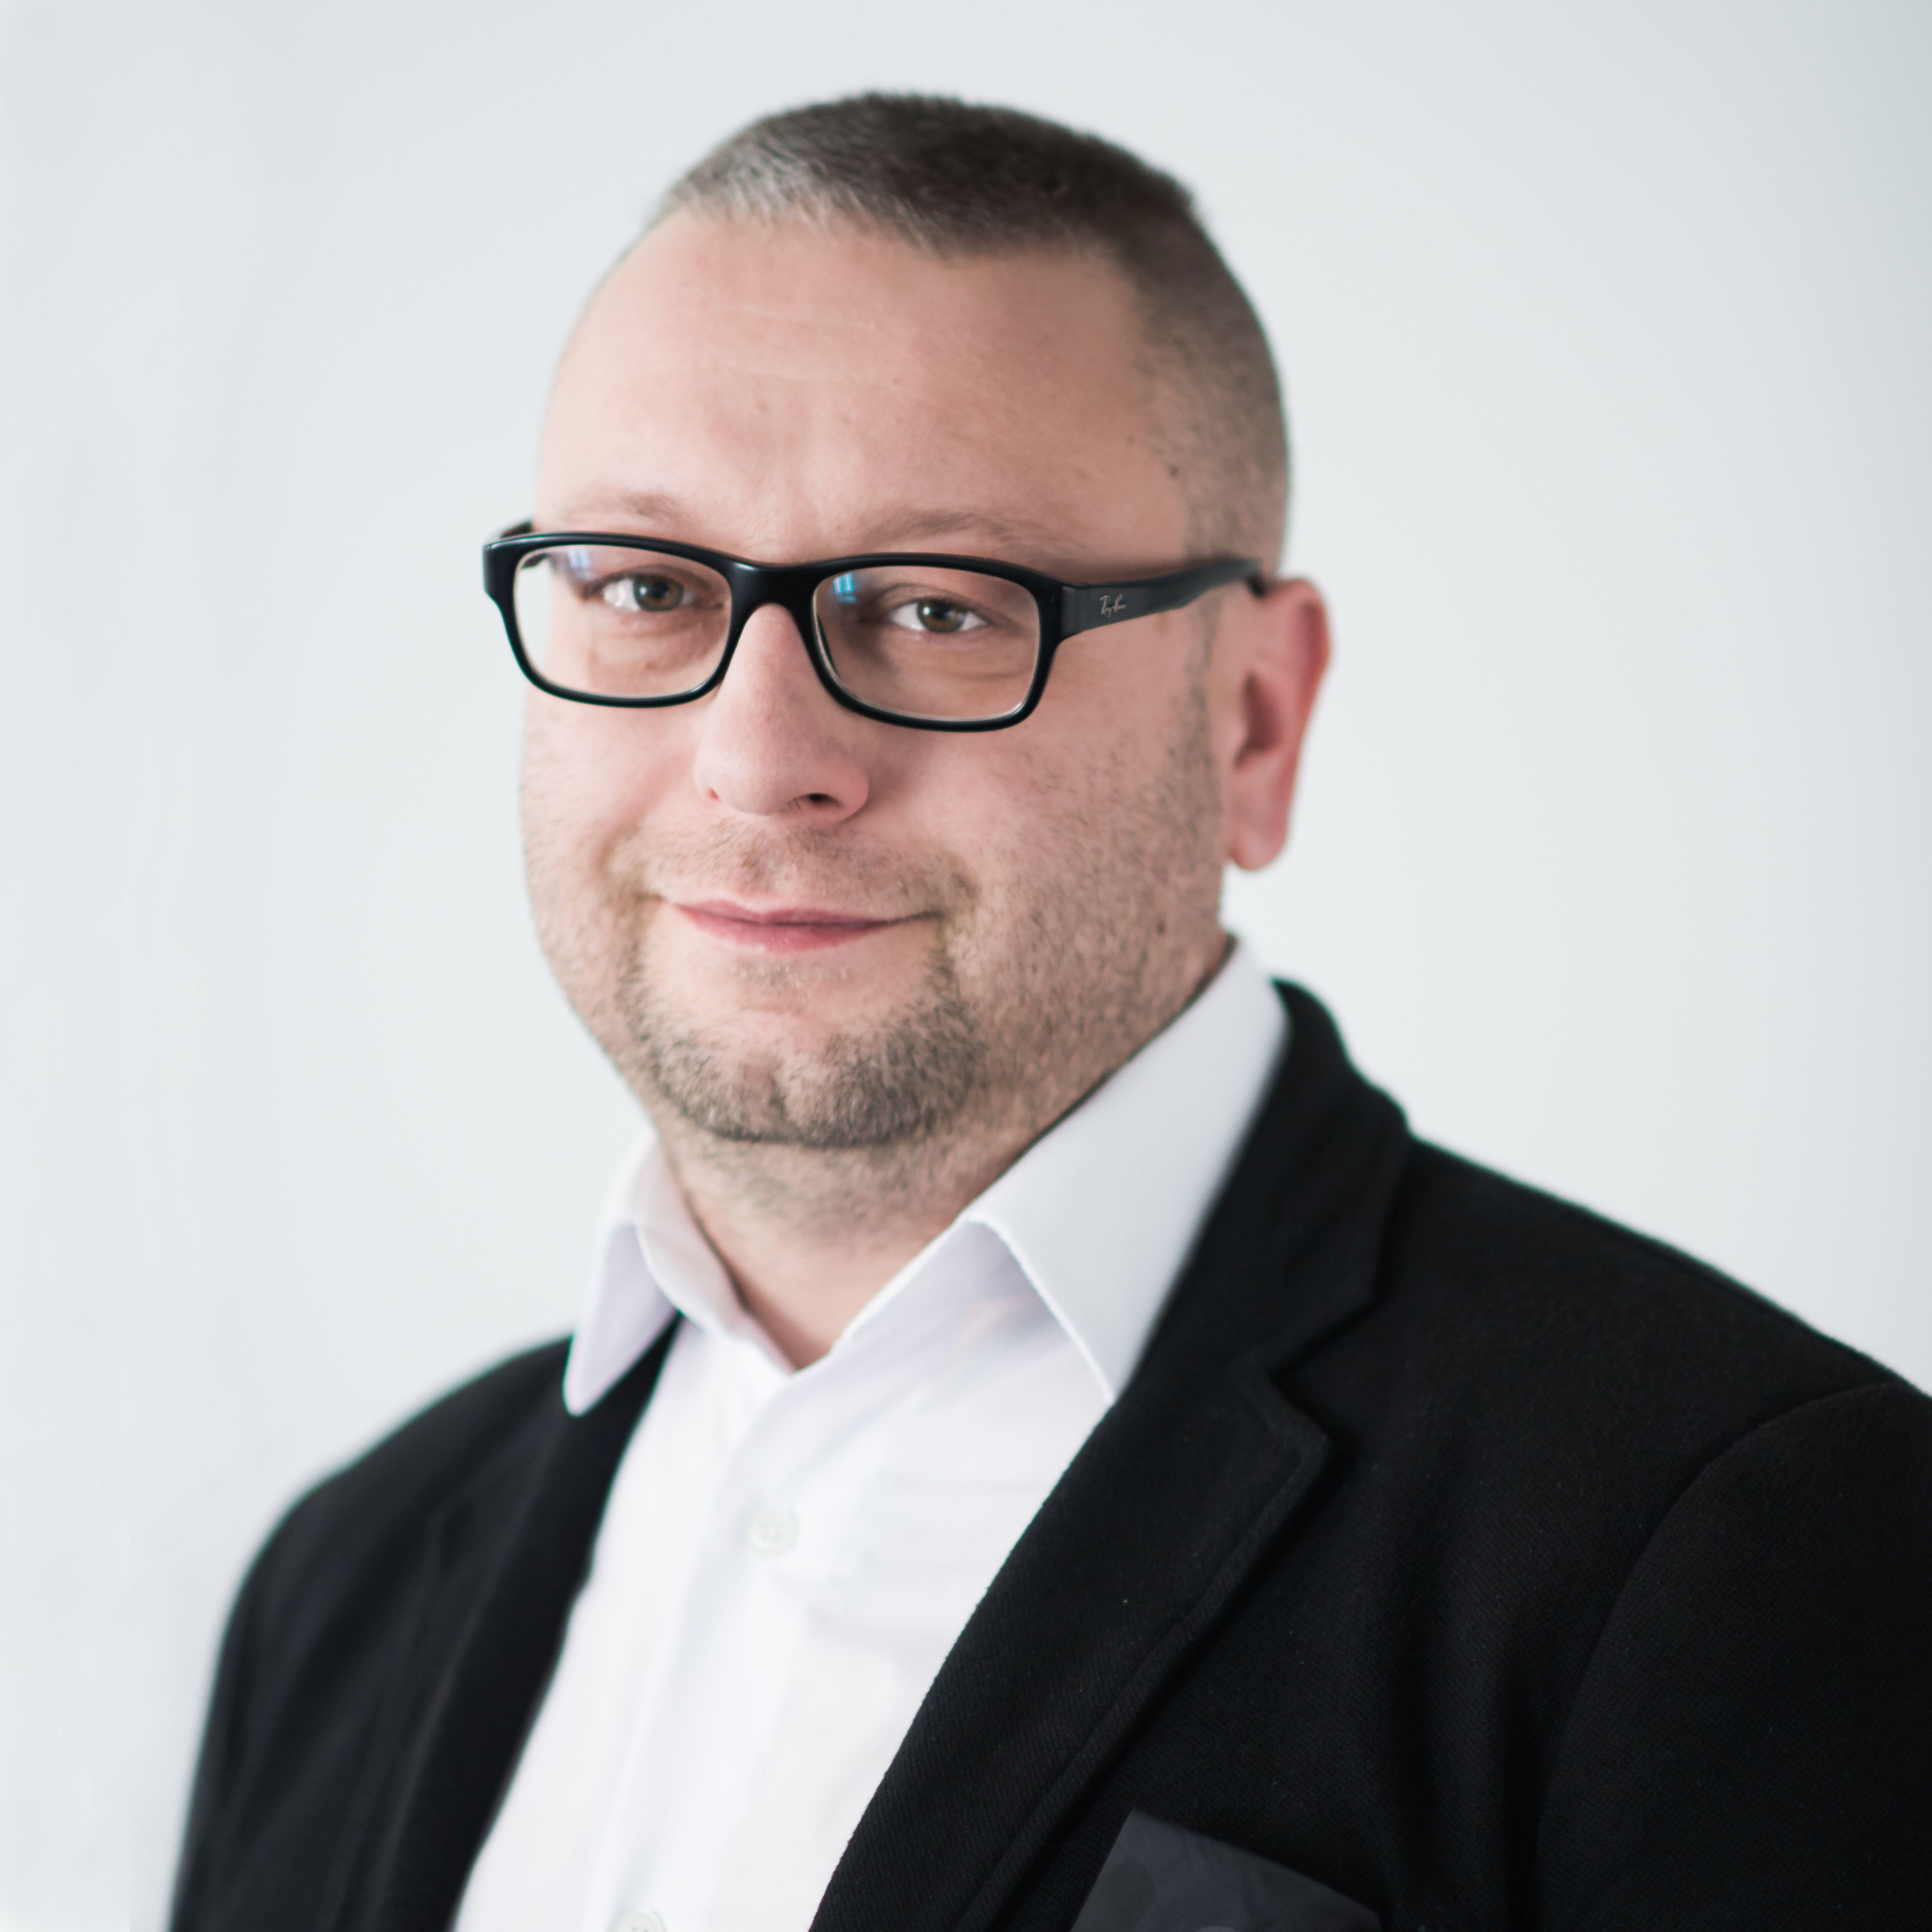 Marek Szczodrak